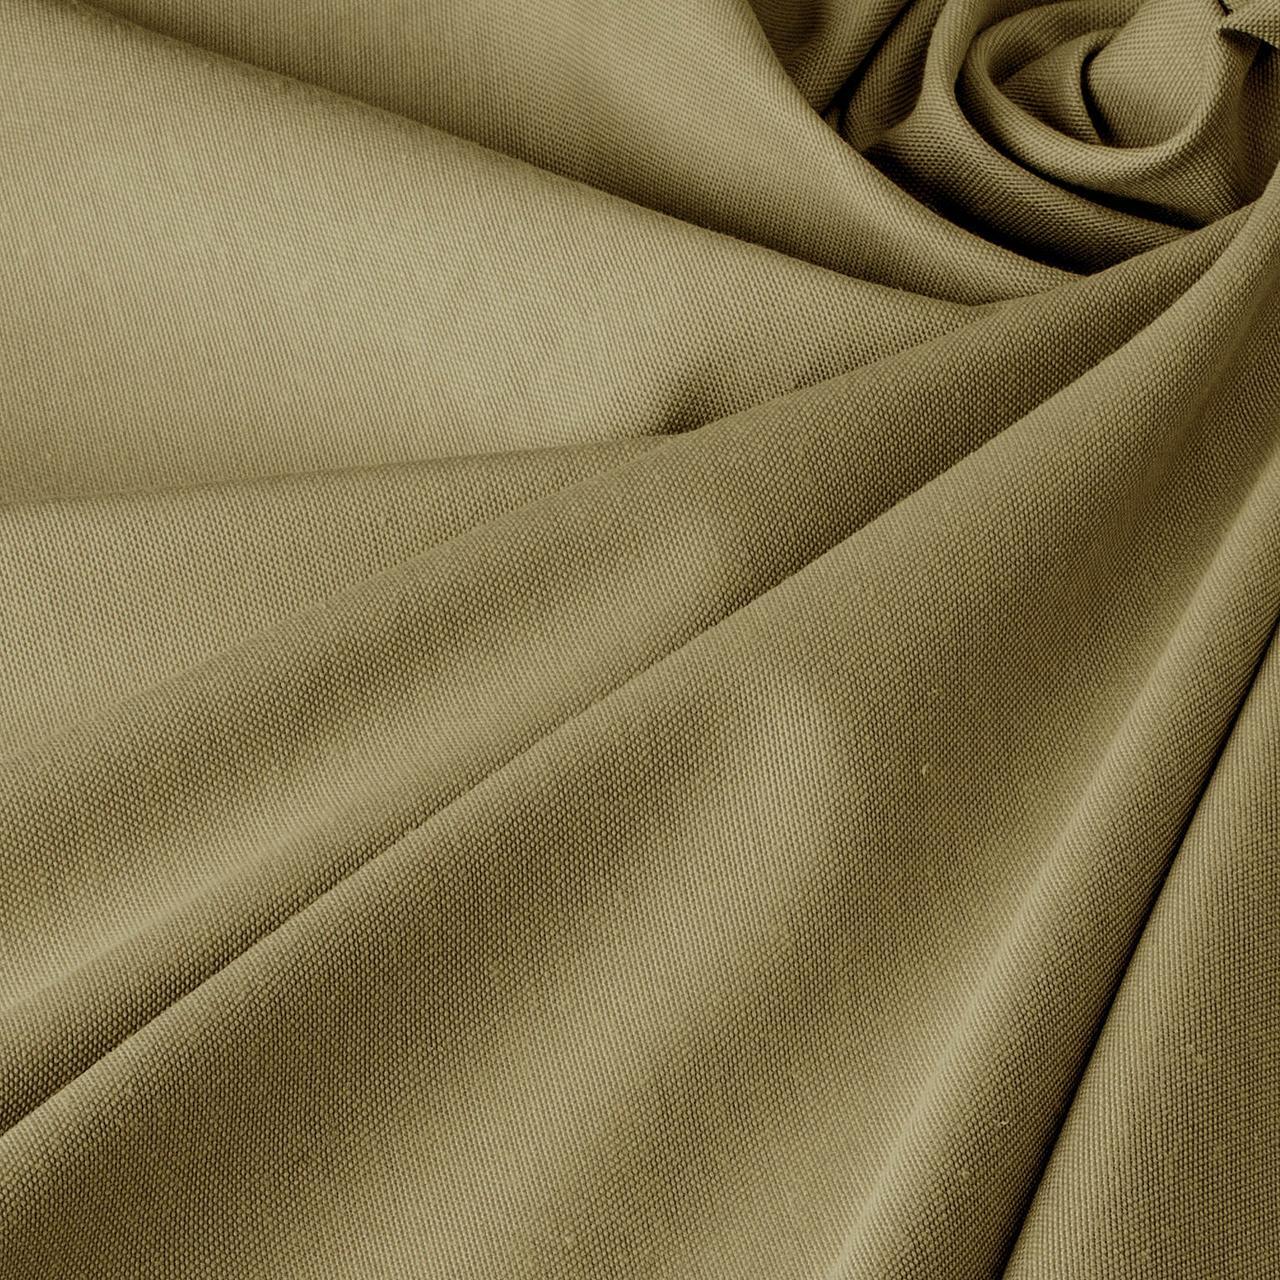 Ткань для штор и скатертей Teflon TDRY v 152